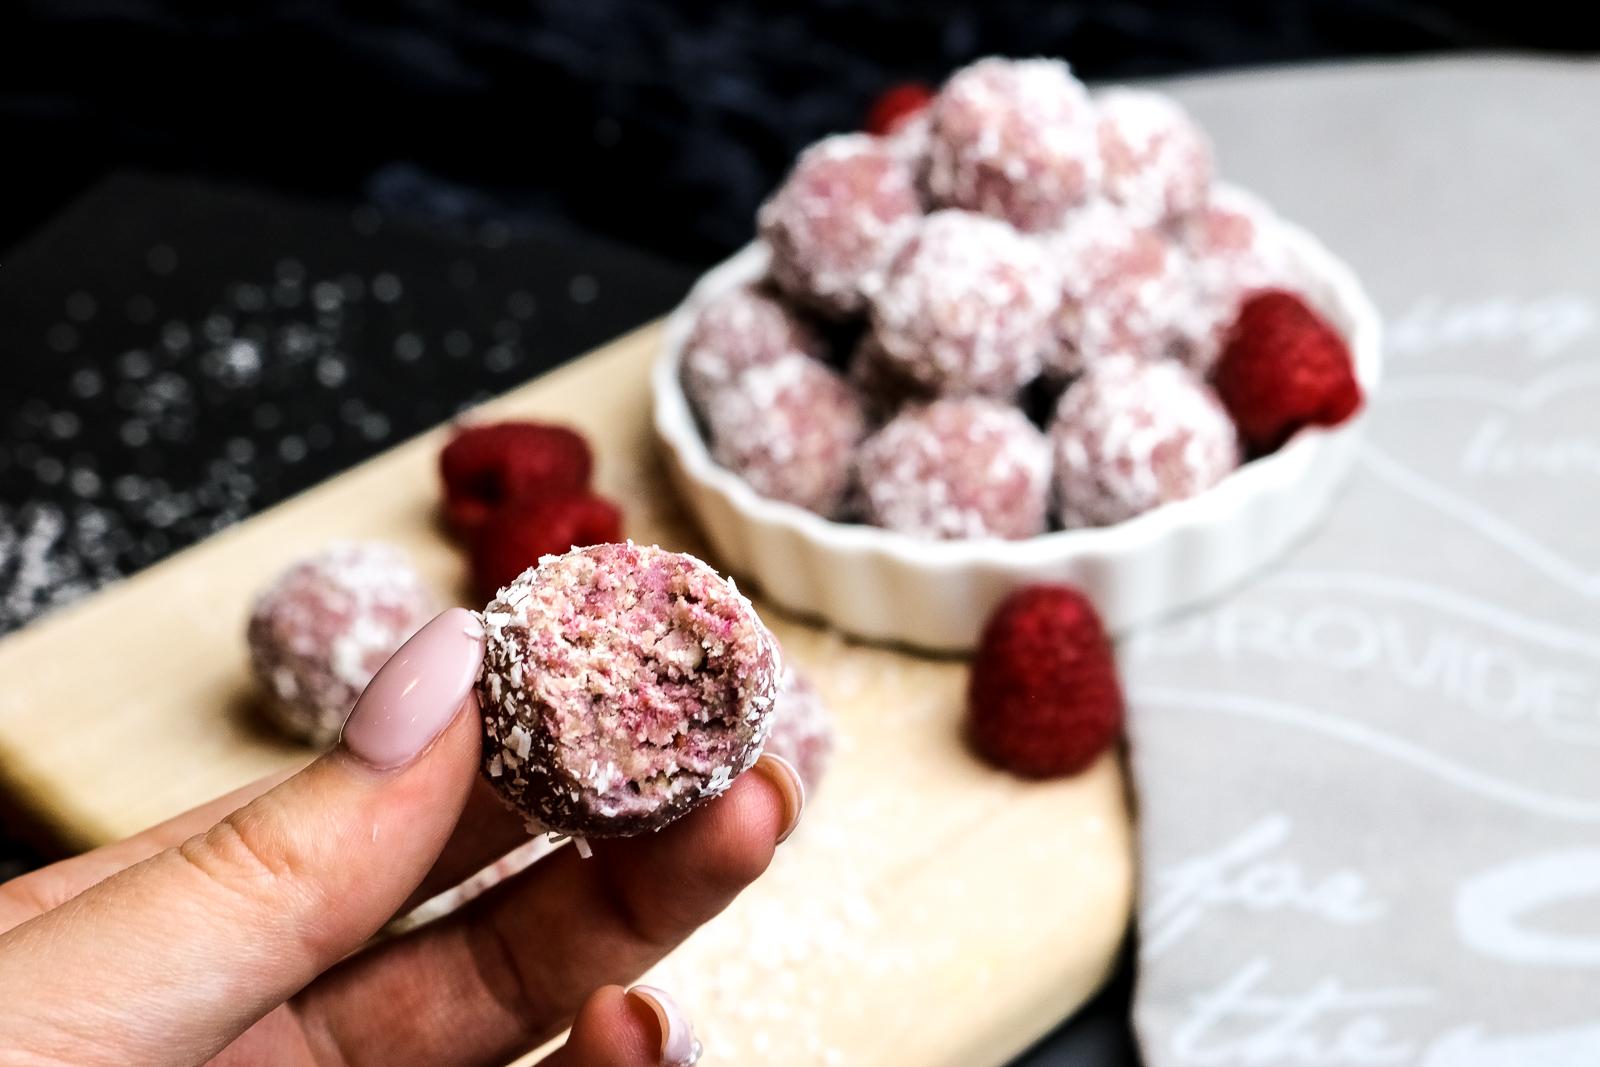 Kokos Energy Balls - gesund naschen - gesunde Leckerei ohne backen - einfache und schnelle Zubereitung - Dessert - Snack für zwischendurch - Energiekick für zwischendurch - gesunder Snack - Fashionladyloves by Tamara Wagner